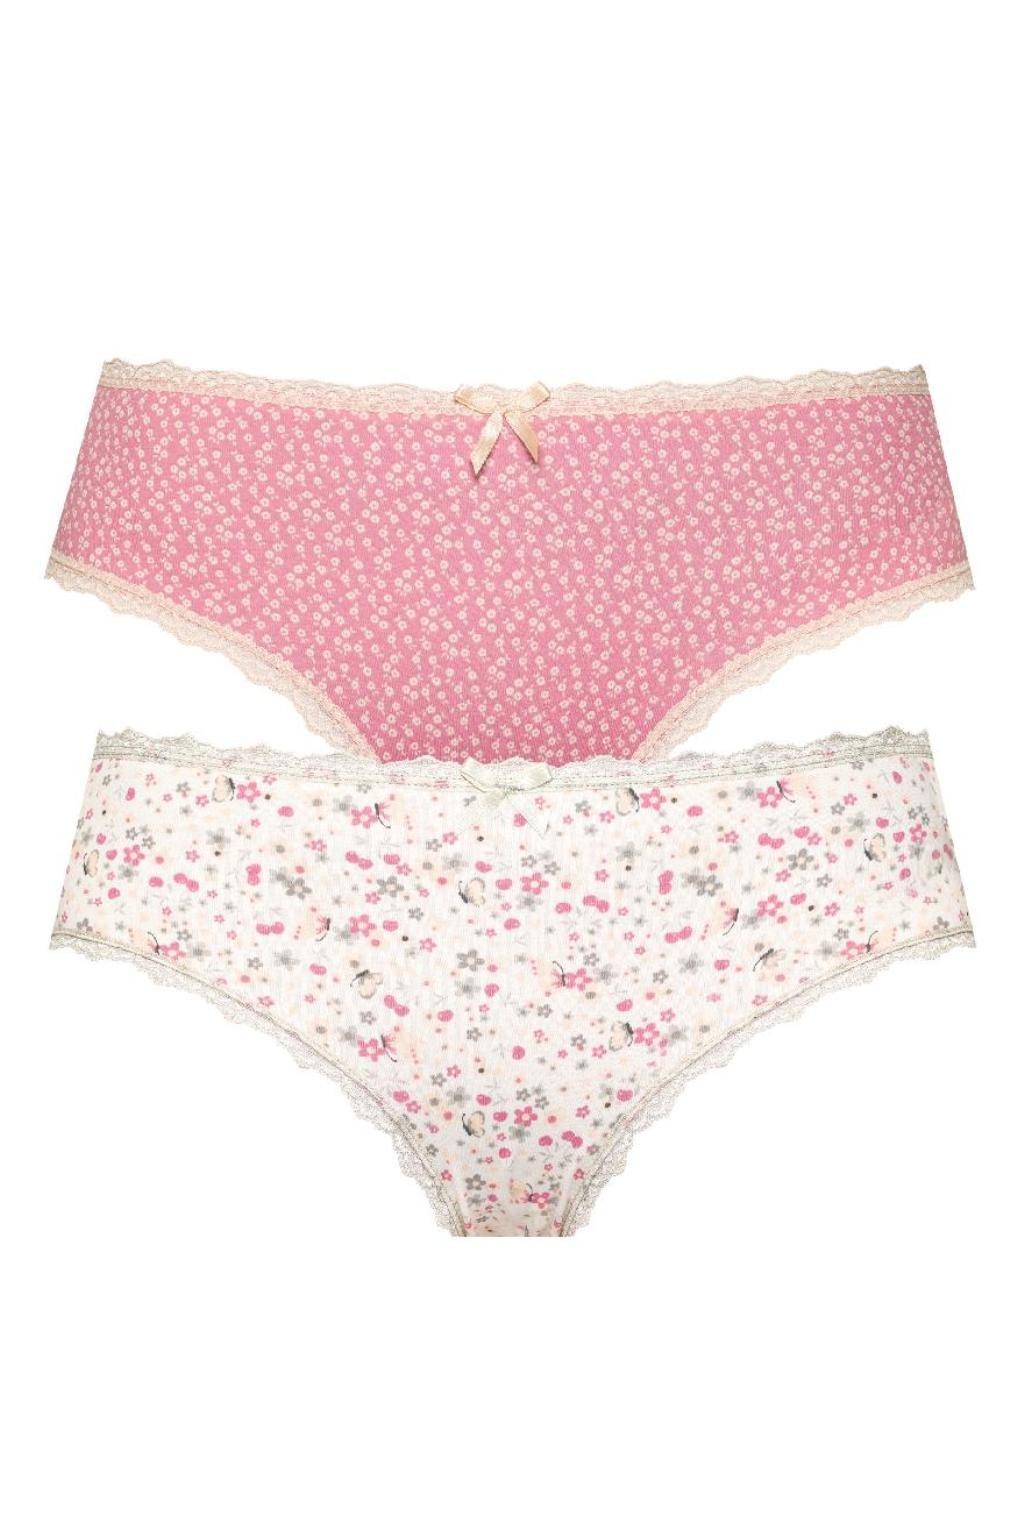 Dámské bavlněné kalhotky s krajkou značky Leptir.